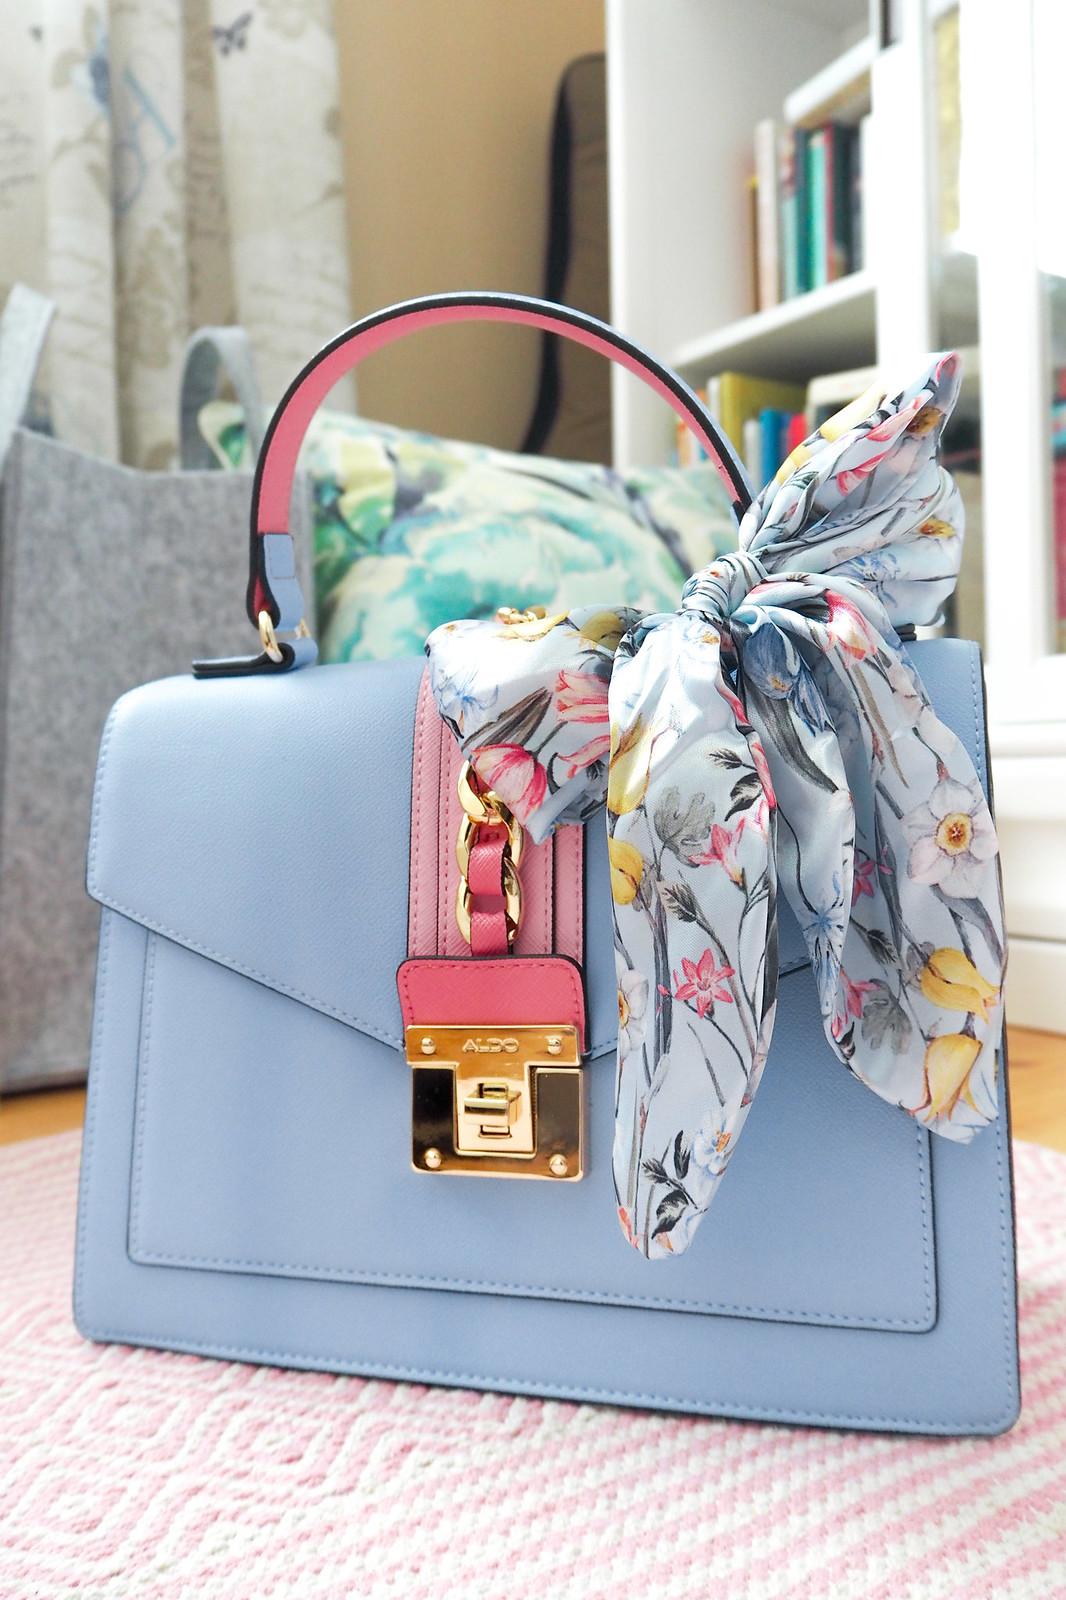 Vaaleansinen ja vaaleanpunainen laukku Aldo